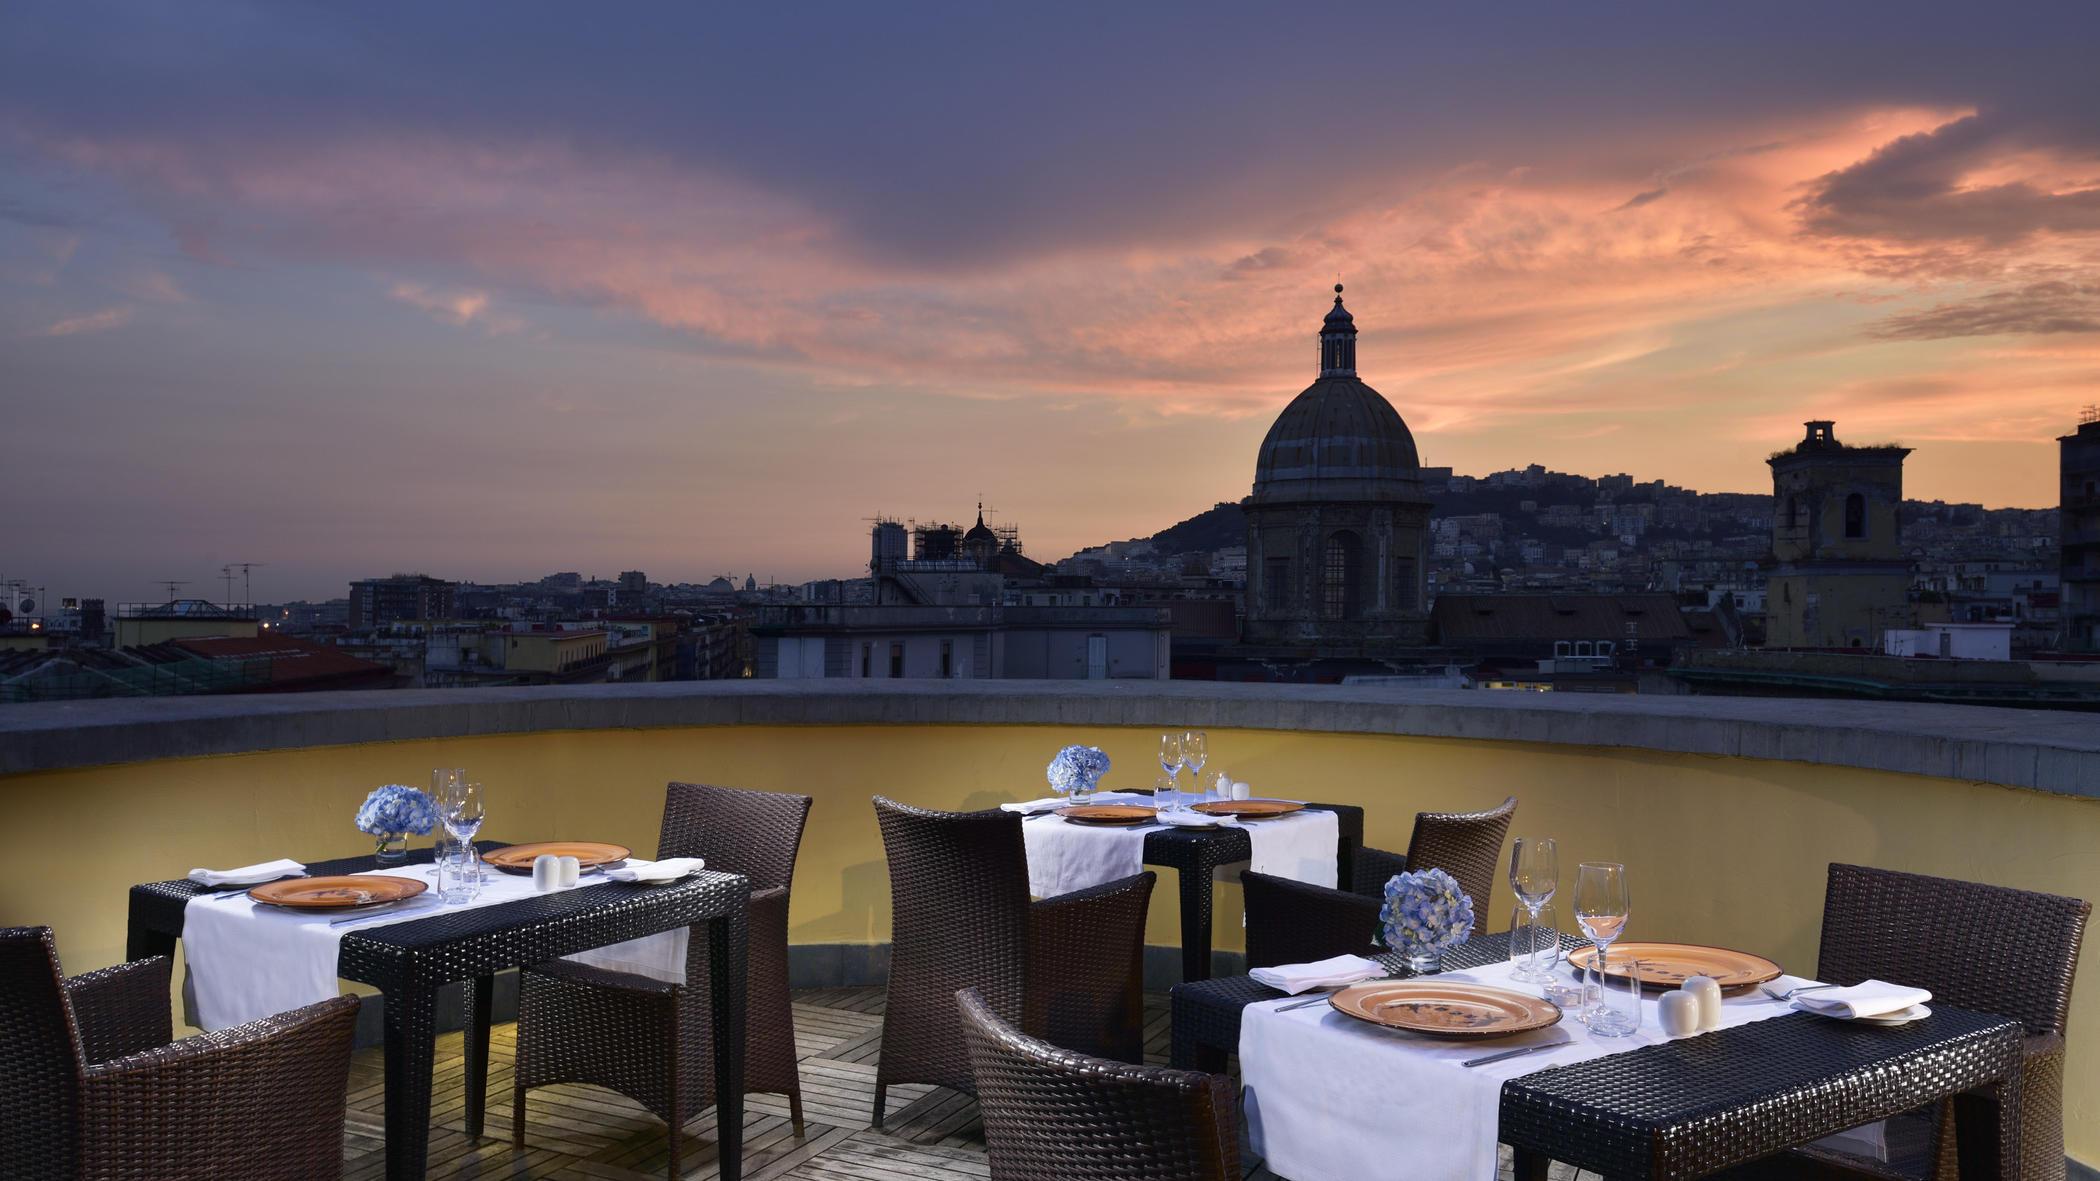 Terrazza ristorante UNAHOTELS Napoli